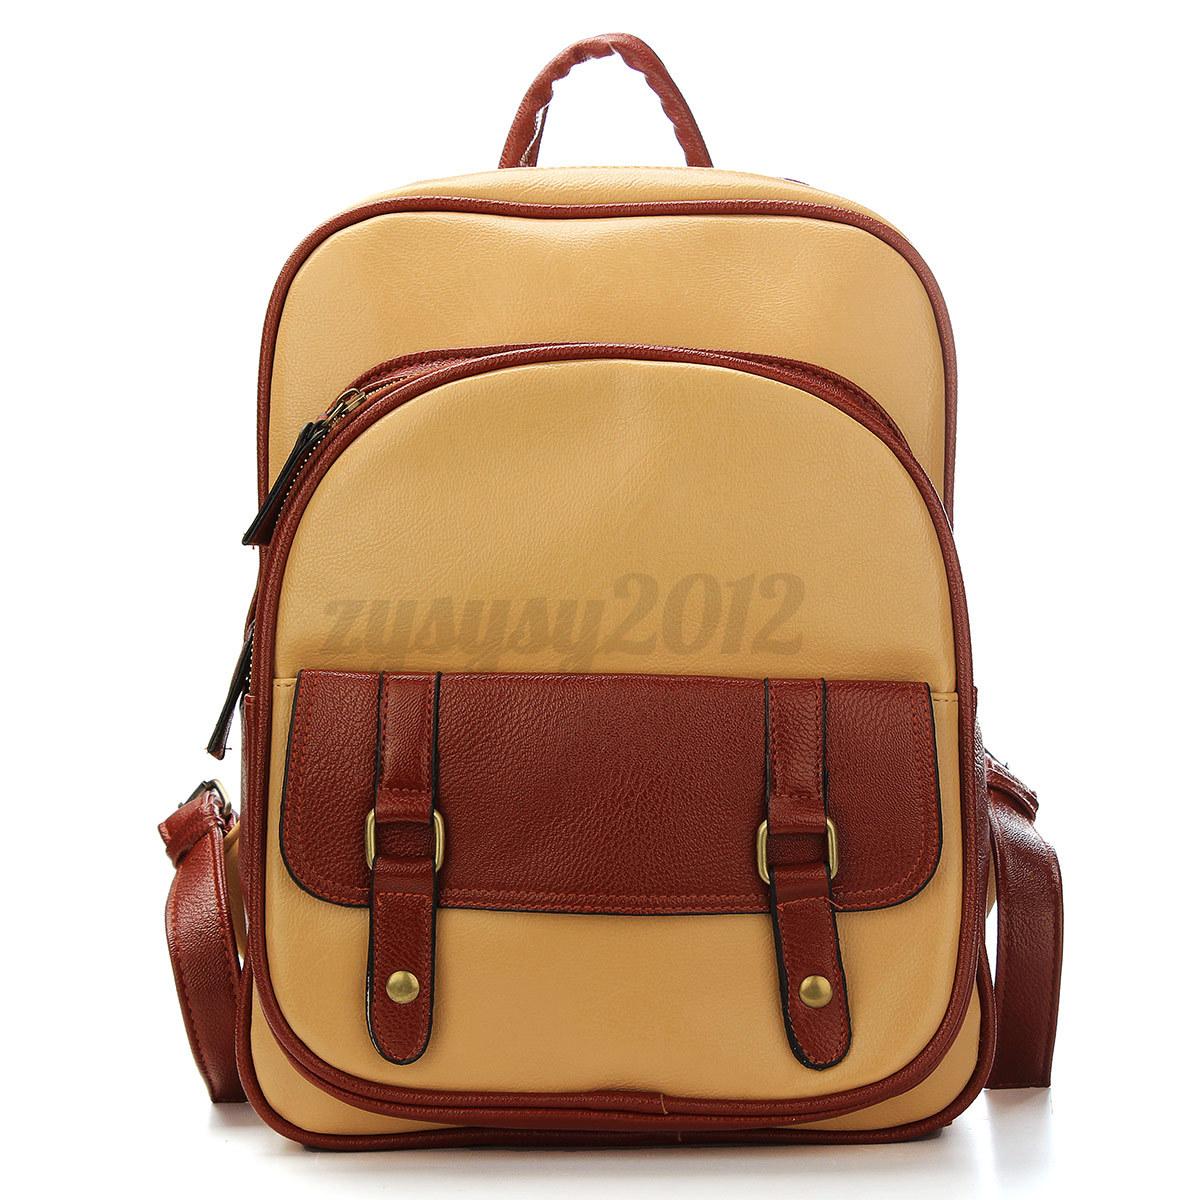 8cdf502626 Zainetto pelle (borsa, pelle, zaino) - Social Shopping su ...